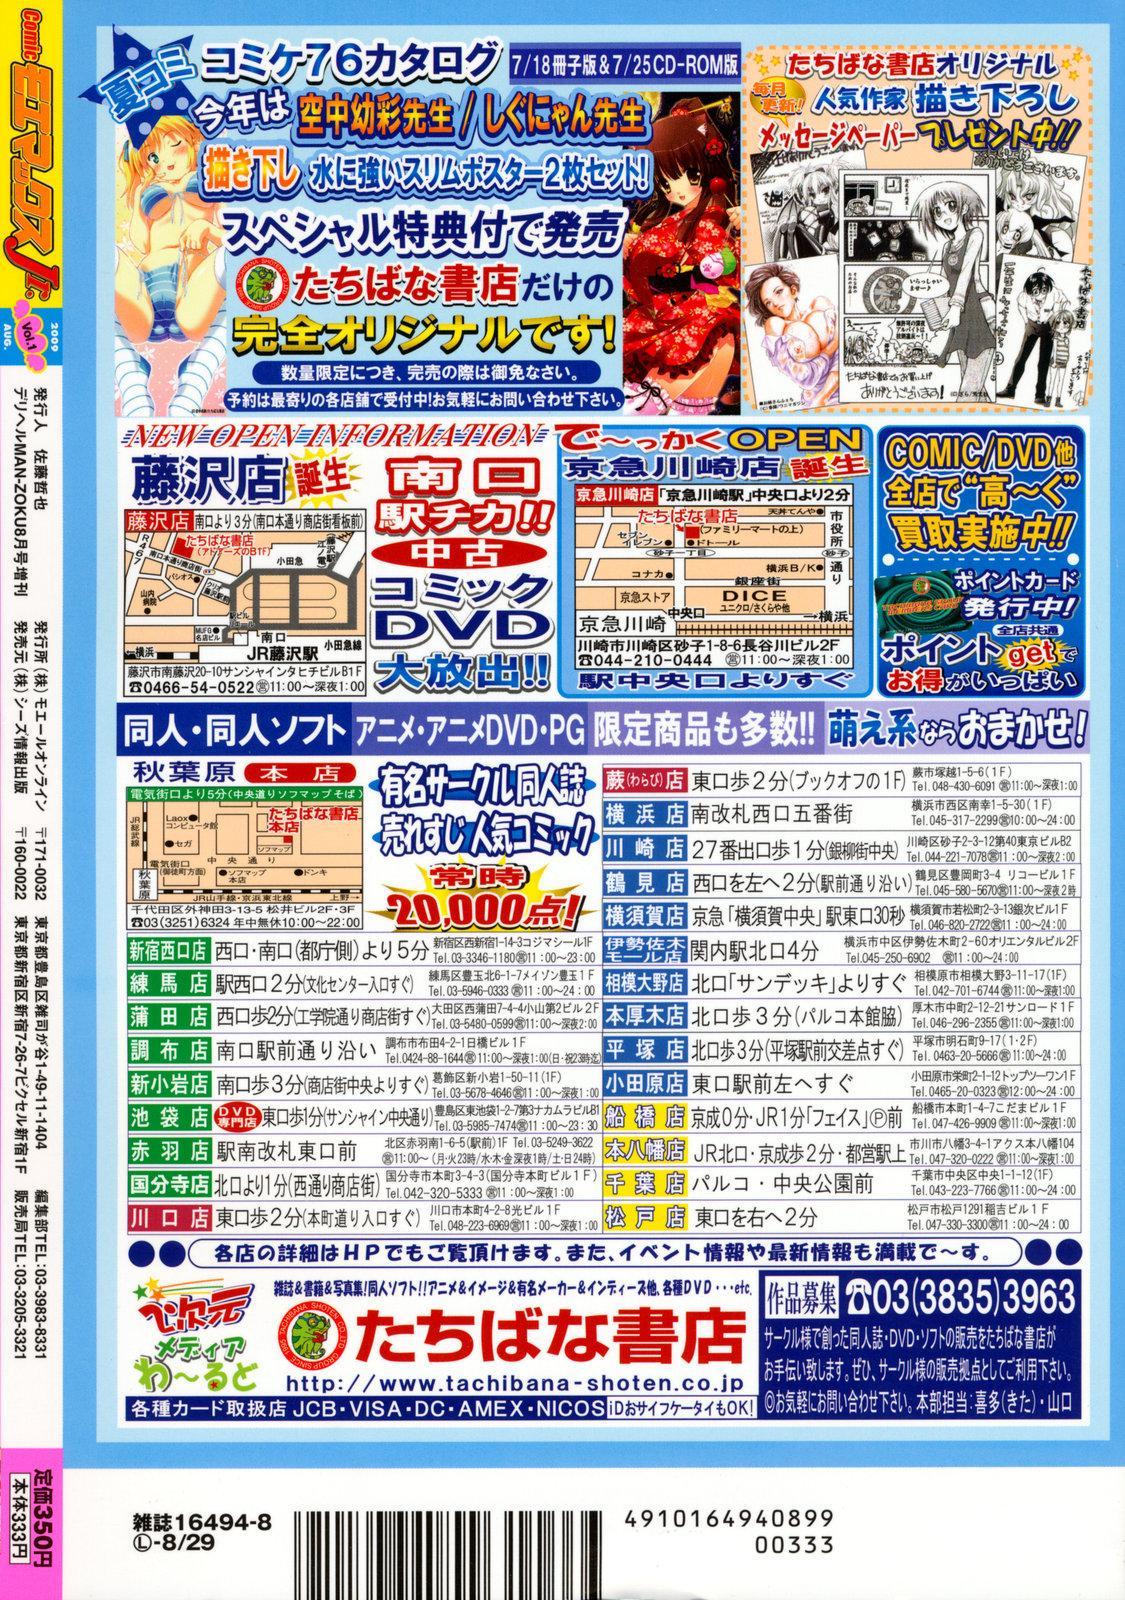 COMIC Moemax Jr. Vol.01 2009-08 105